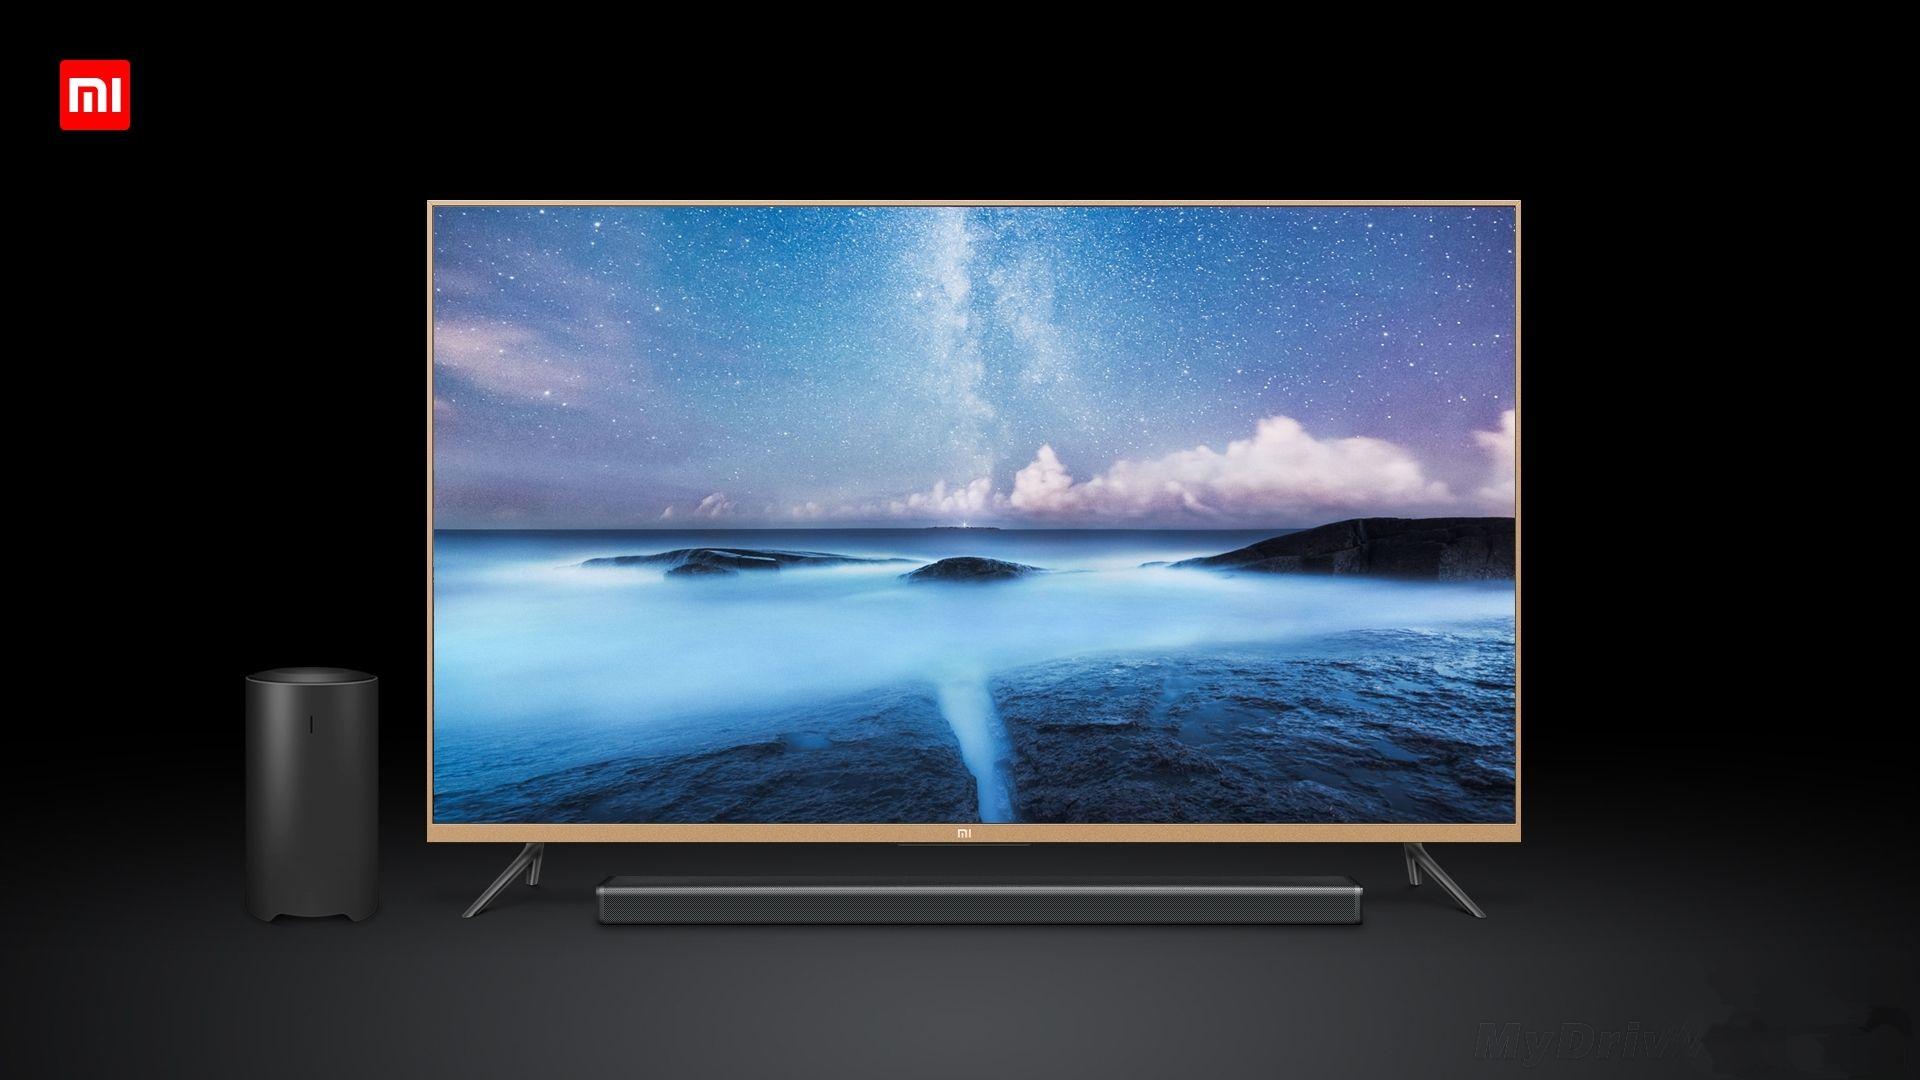 小米电视3s 55英寸通过U盘安装第三方应用教程